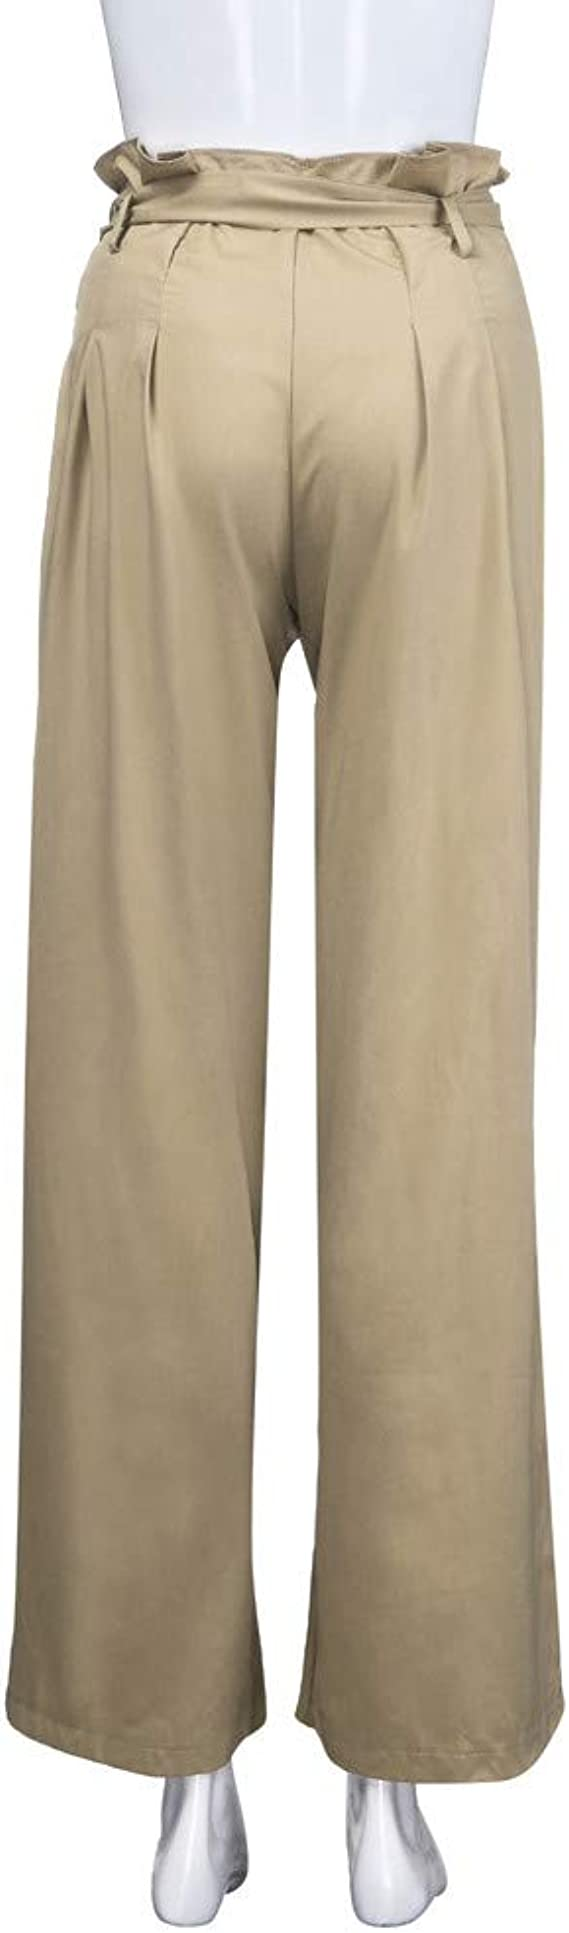 Pantalones Anchos Marlene Para Mujer Otono Invierno 2018 Moda Paolian Casual Pantalones Acampanados Ajustado Cintura Alta Fiesta Palazzo Pantalon Fluido Elastico Baggy Vestir Senora Ropa Mujer